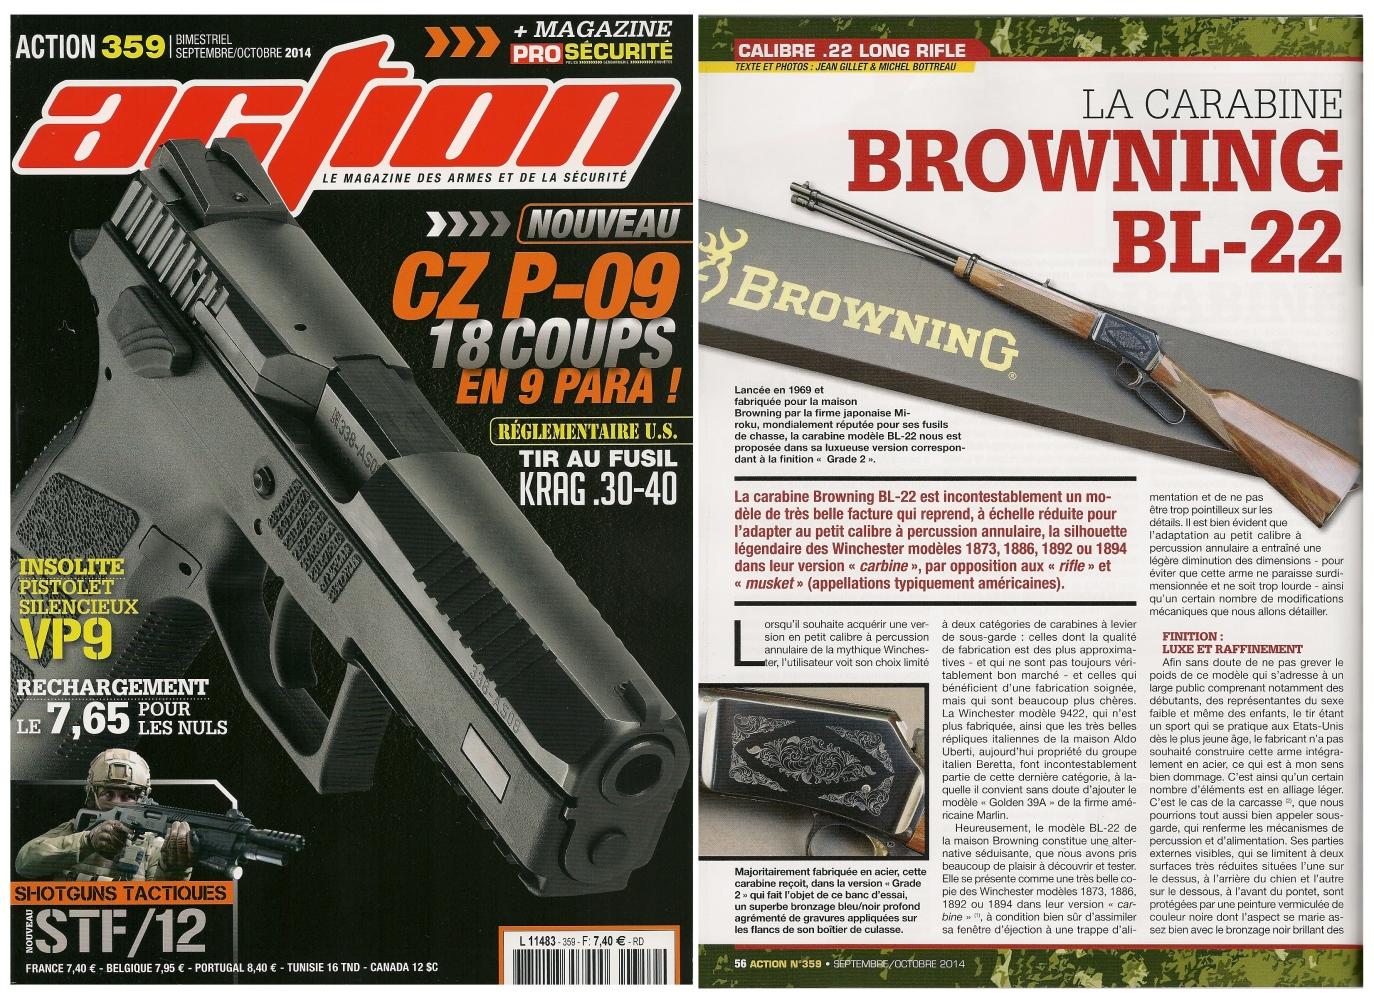 Le banc d'essai de la carabine Browning BL-22 a été publié sur 6 pages dans le magazine Action n° 359 (septembre-octobre 2014)